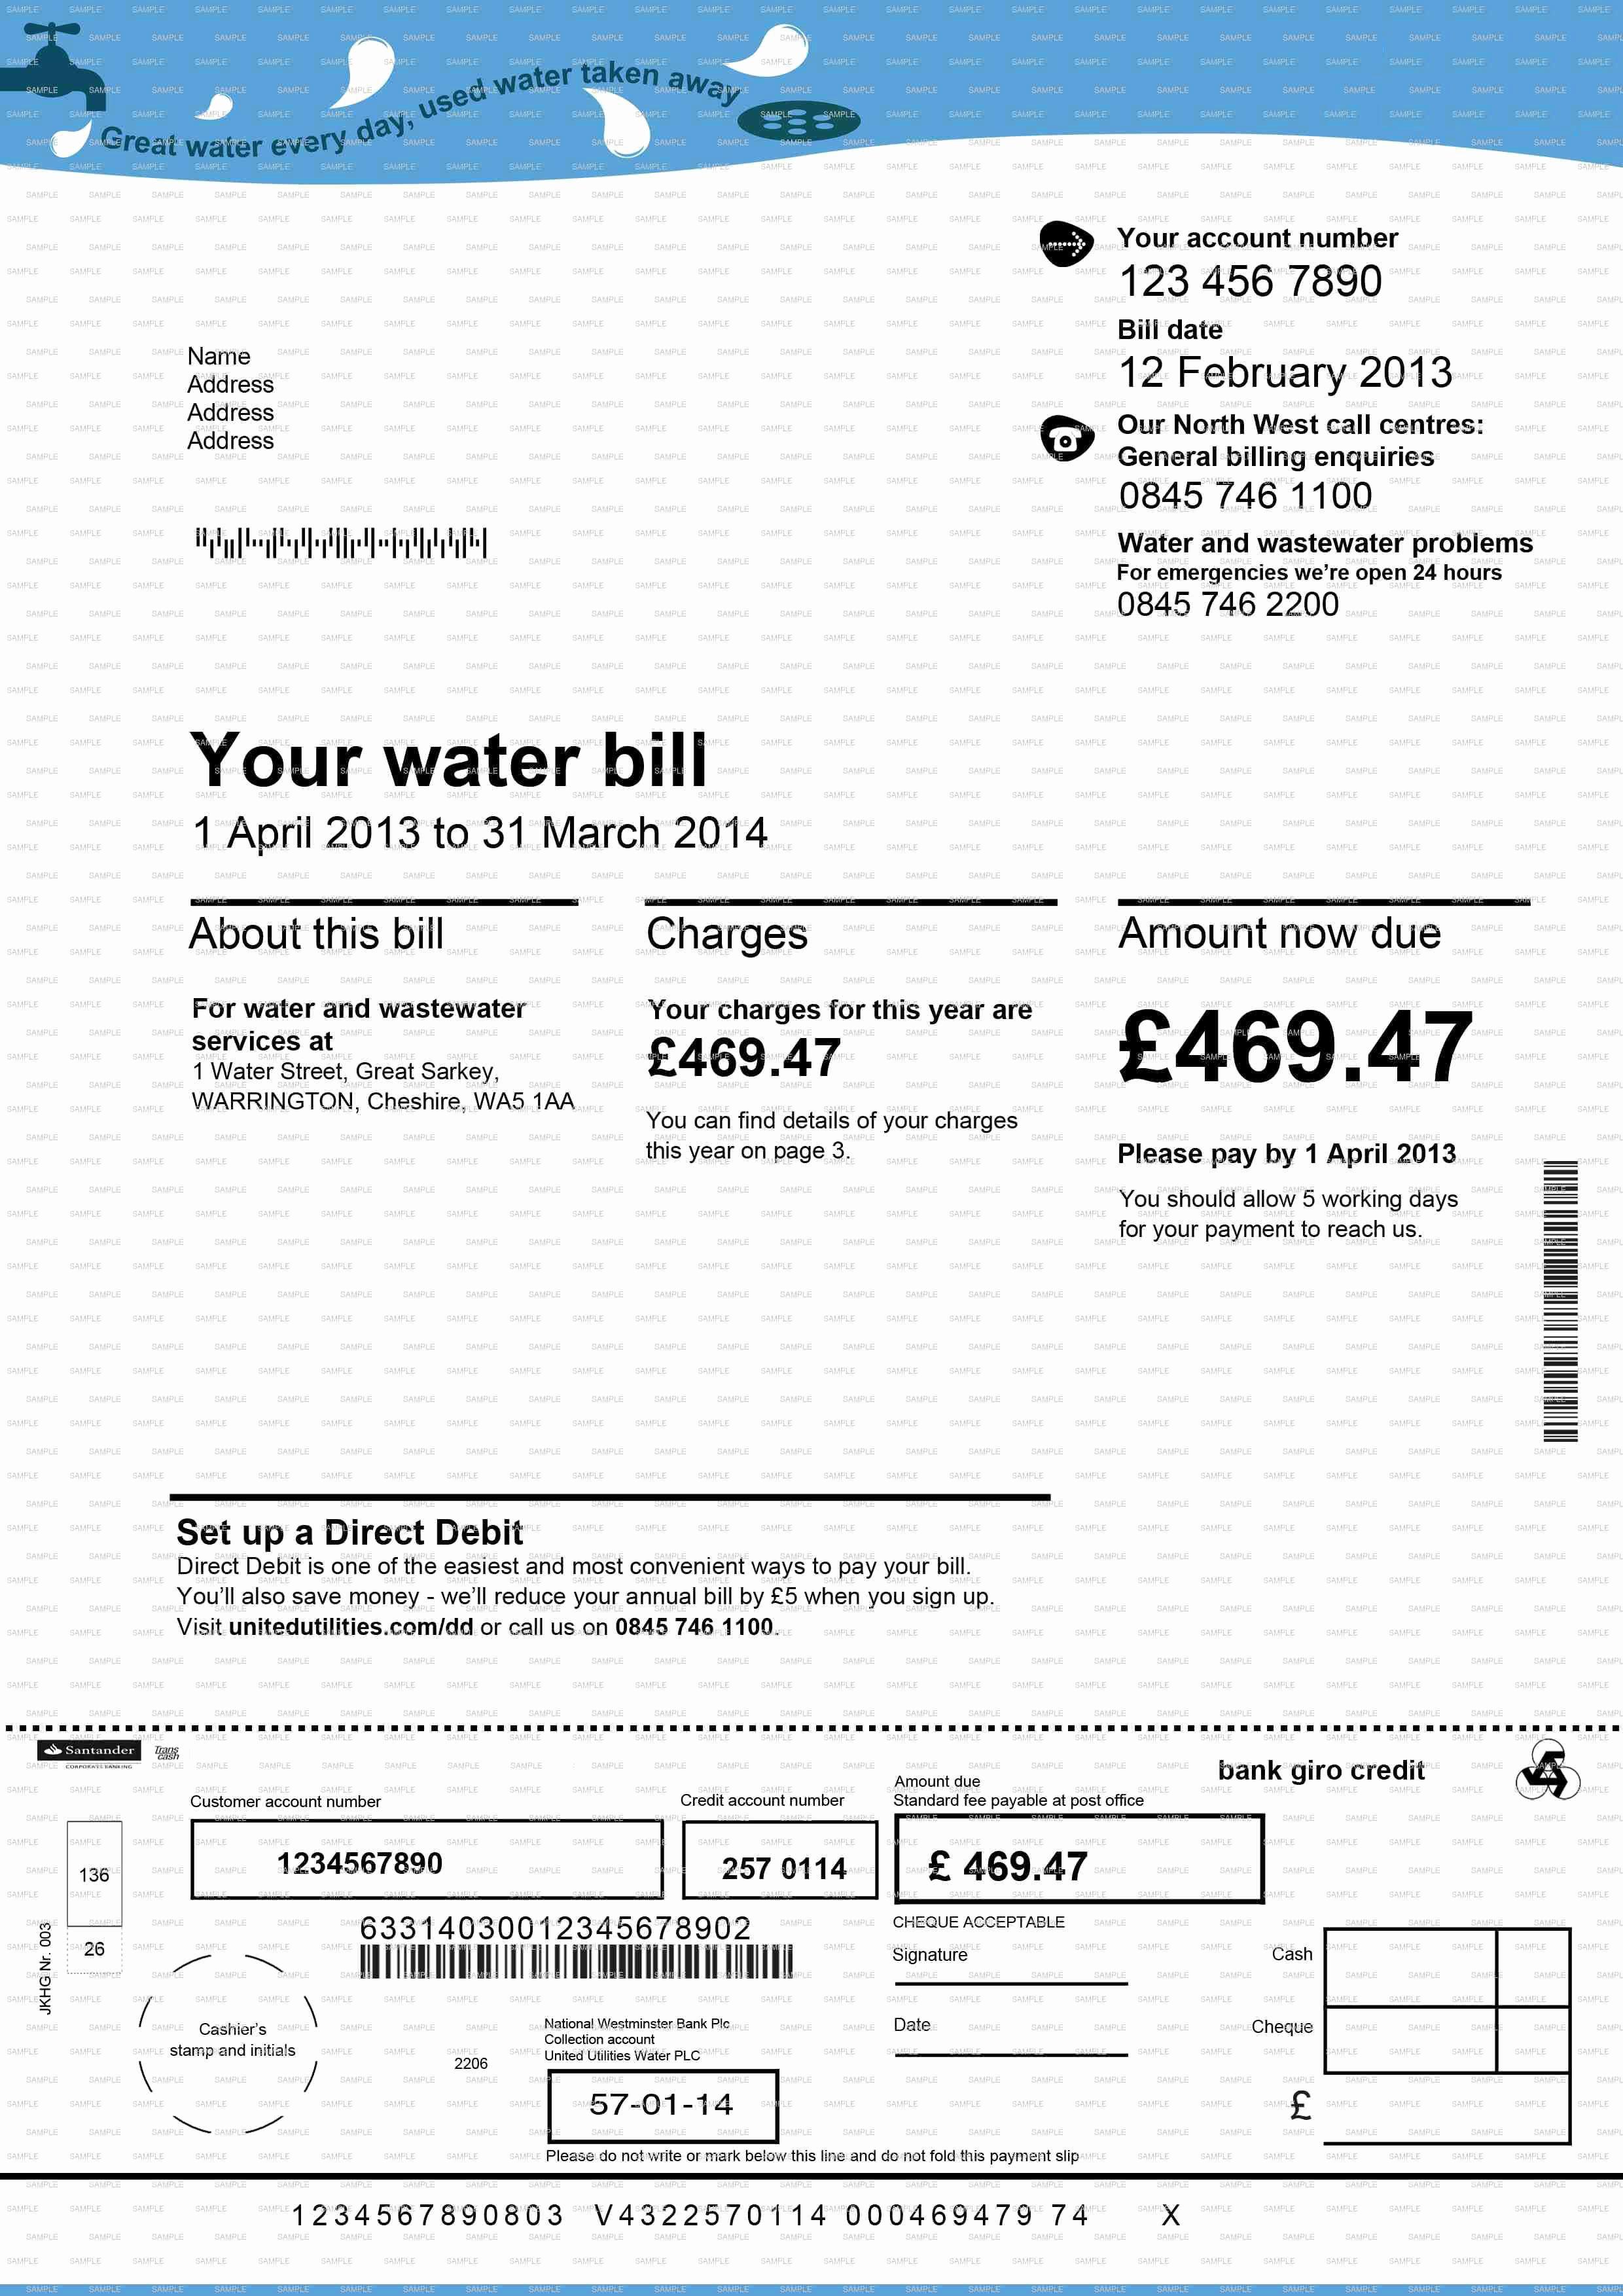 Fake Utility Bill Template Unique Fake Documents Fake Bank Statements Fake Utility Bills